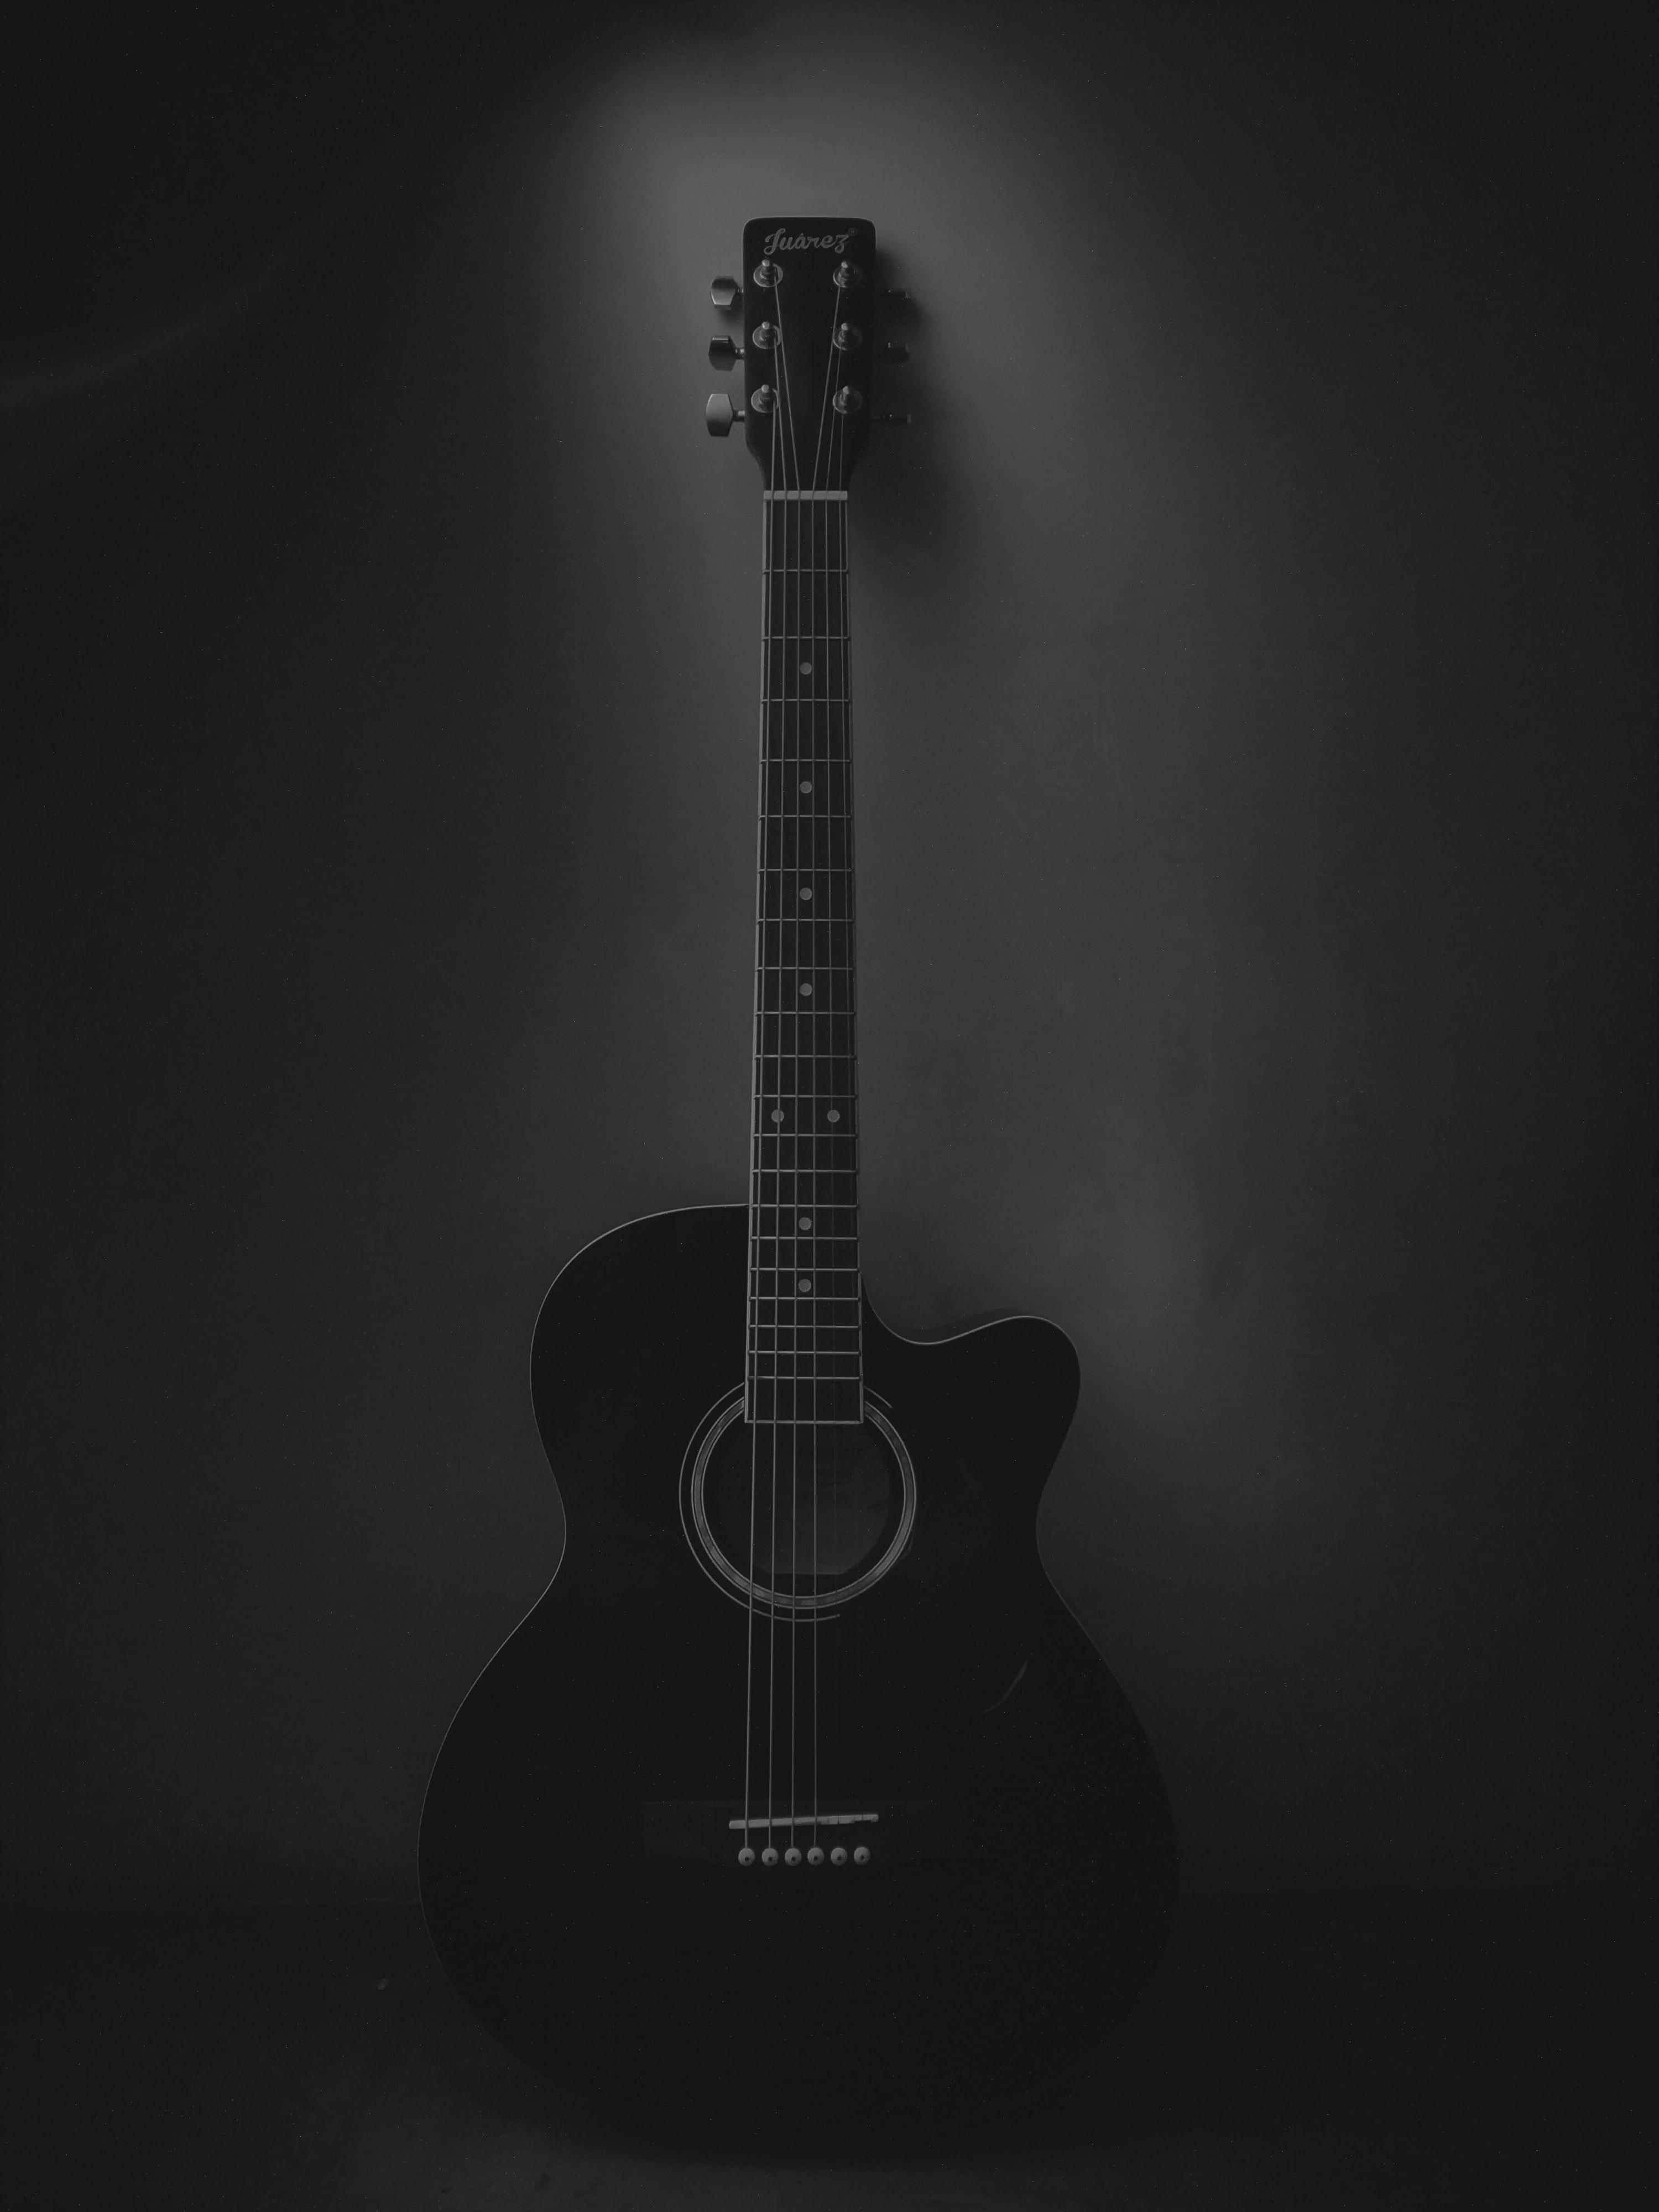 94421 скачать обои Музыка, Темный, Черный, Гитара, Музыкальный Инструмент, Акустическая Гитара - заставки и картинки бесплатно